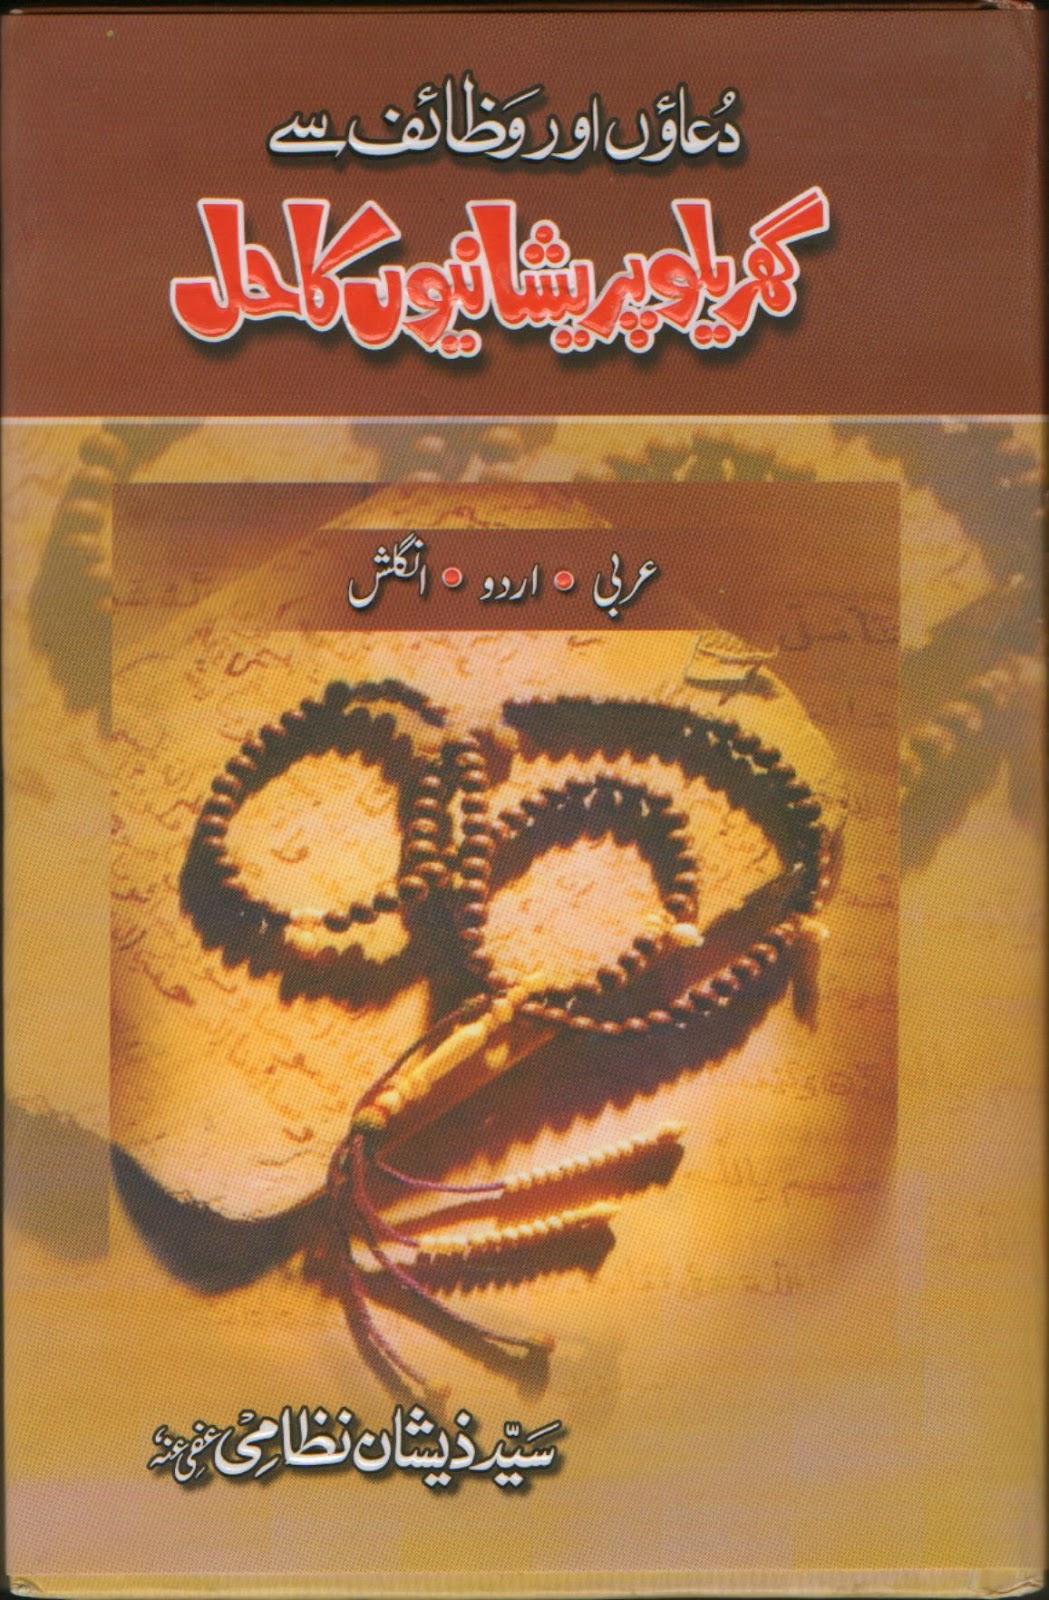 Dhaaro Online Book Shop Kala Jadu Jinnat Asayb Ilaj Rad - Congok.Com